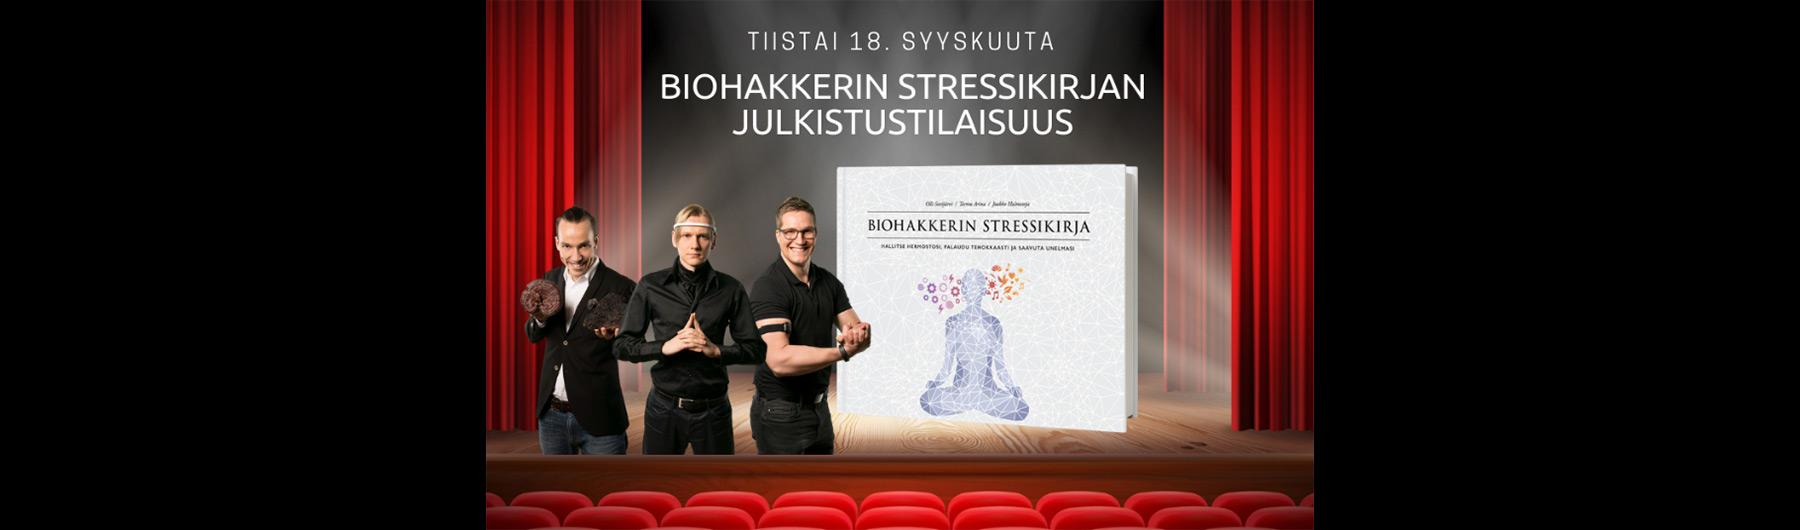 Biohakkerin stressikirjan julkistustilaisuus 18.9.